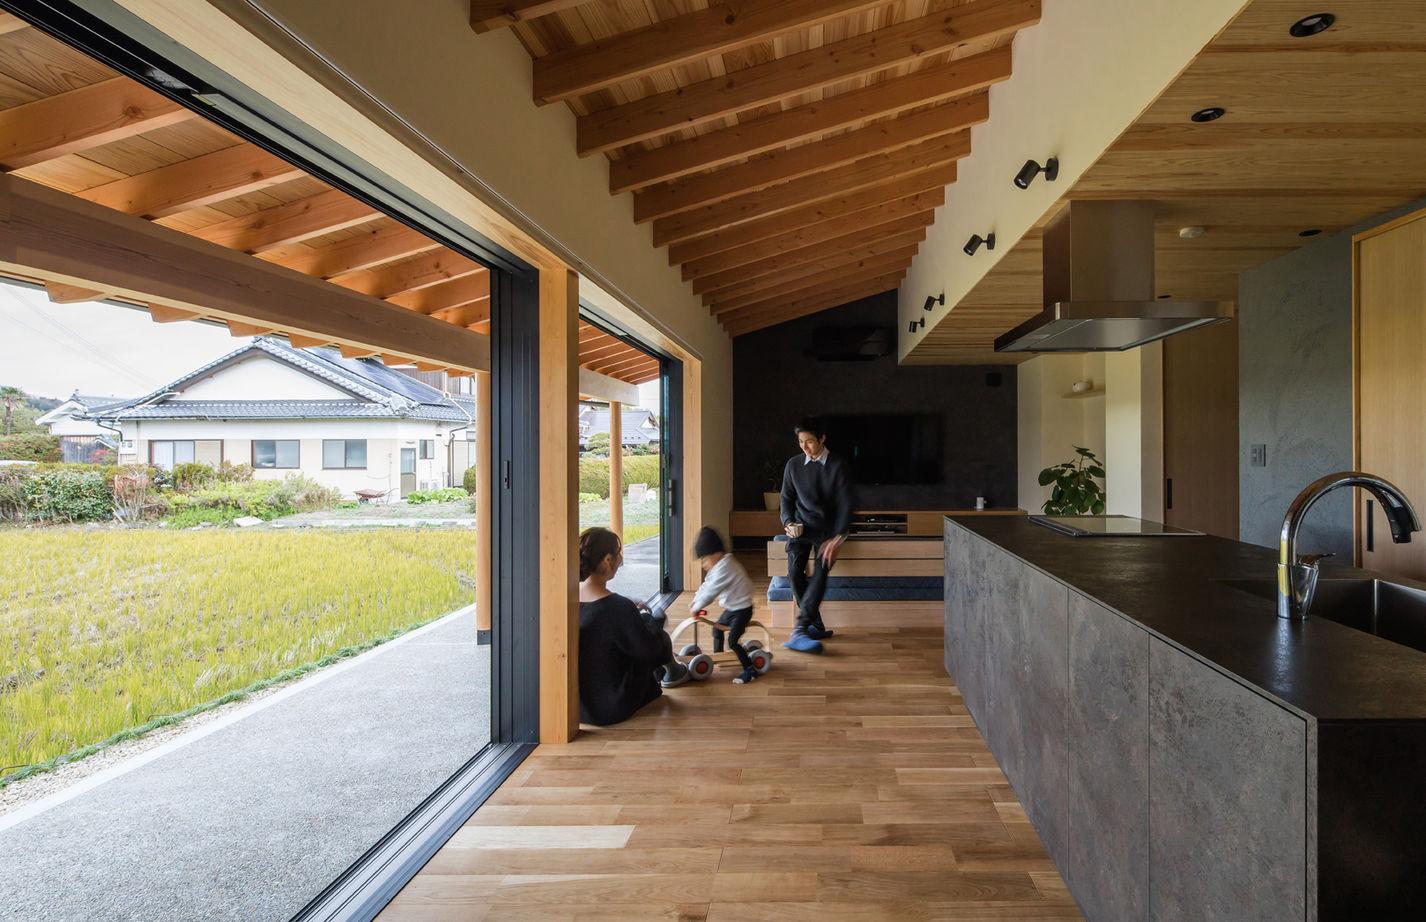 室内でありながら外の雰囲気を楽しめて、家族が心からくつろげる「風景を取り込む家」画像1